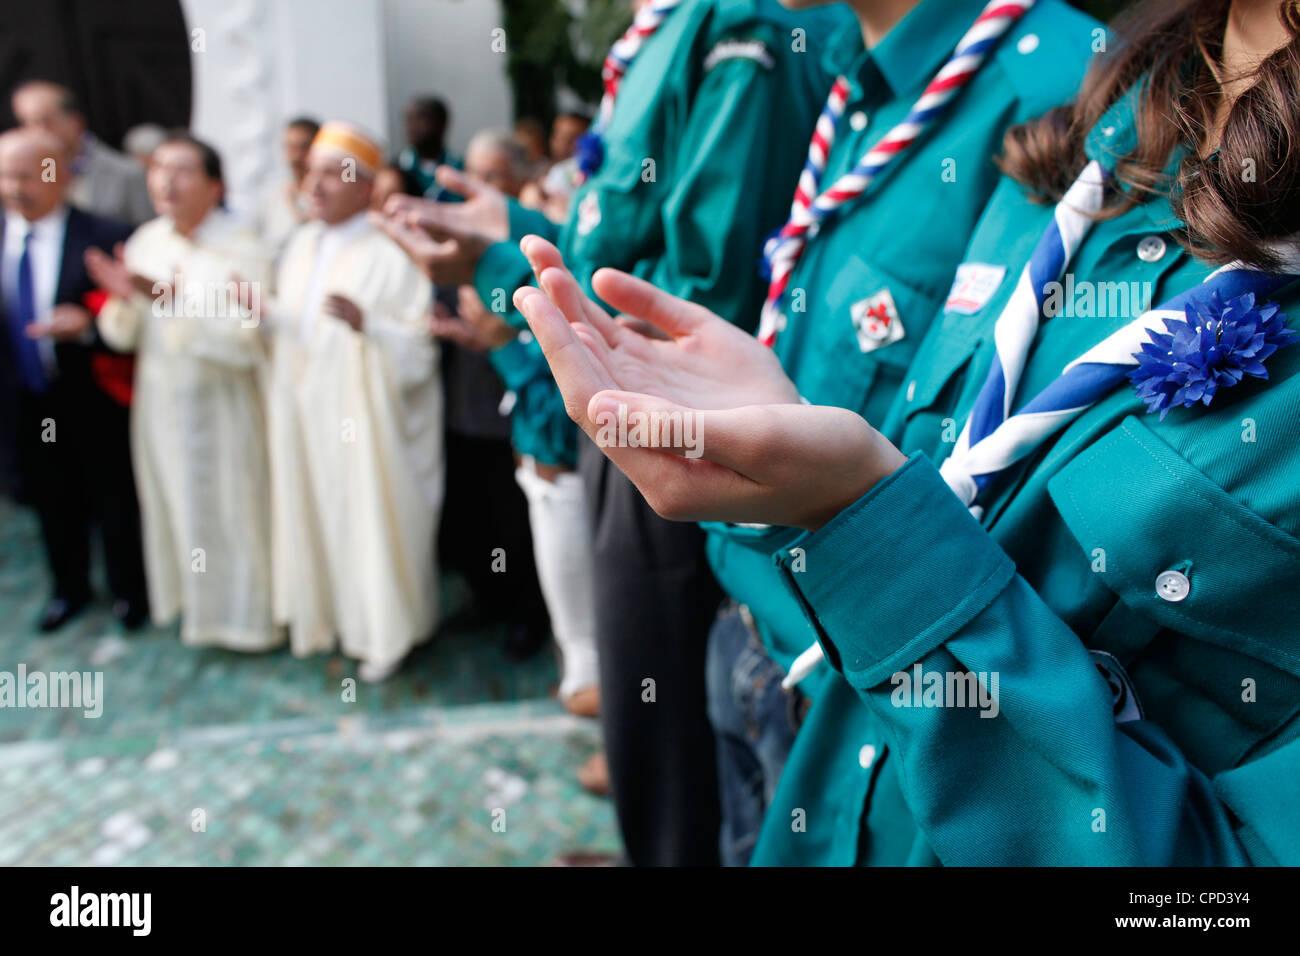 Muslim Scouts orando, París, Francia, Europa Imagen De Stock